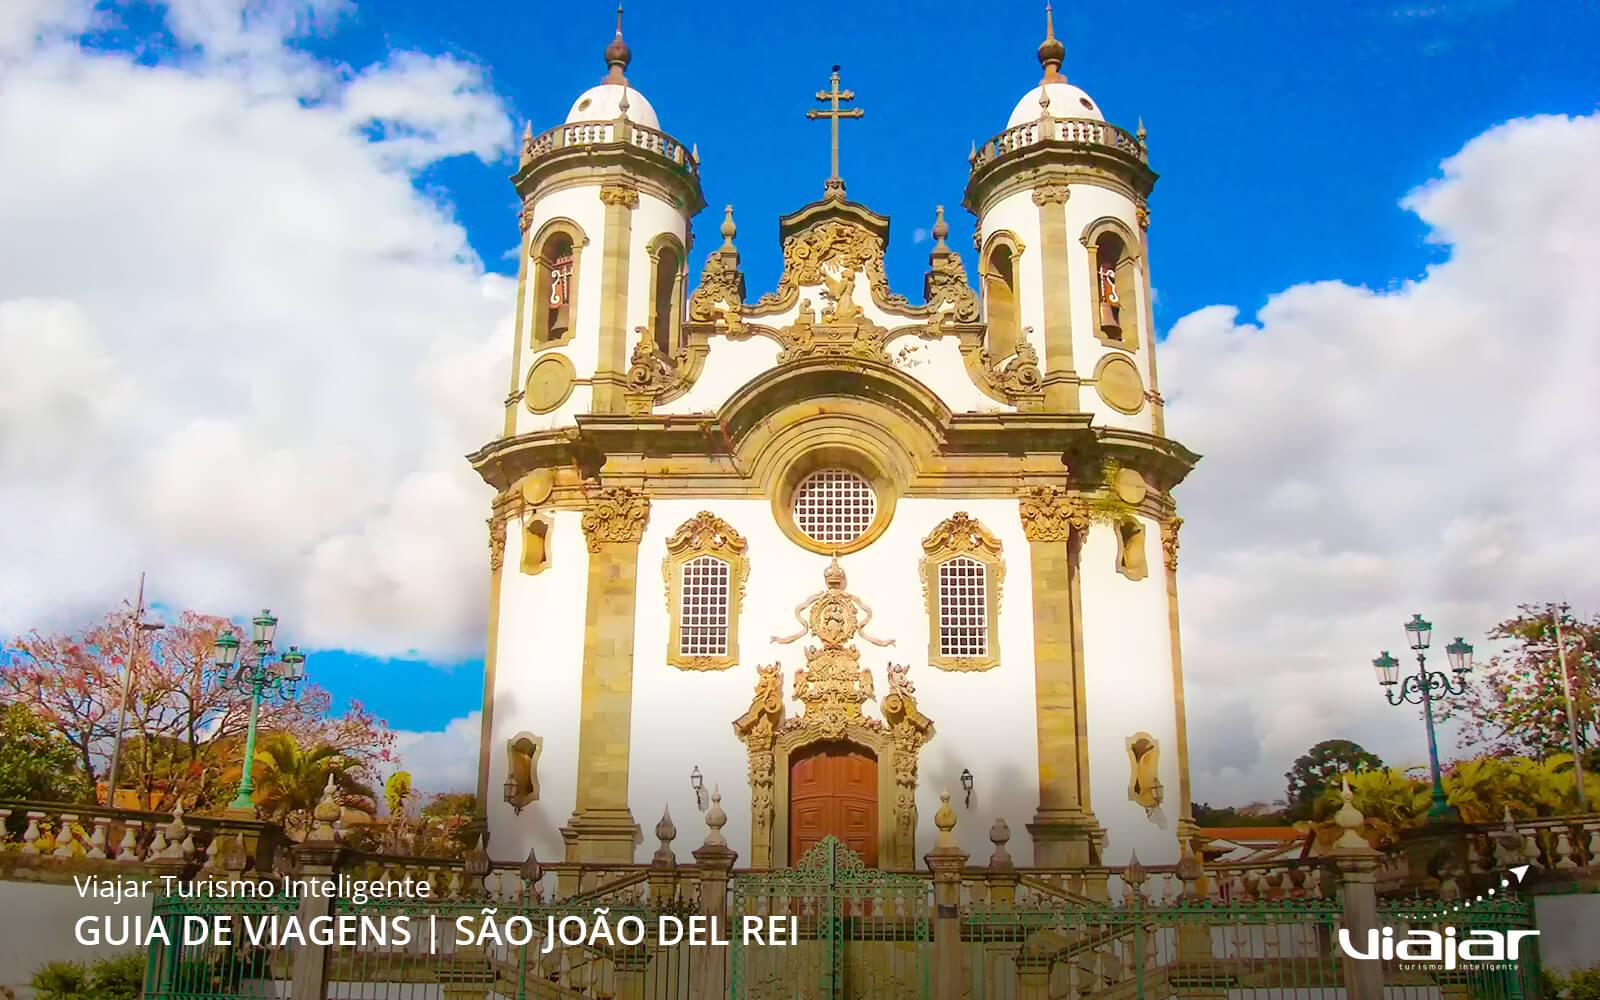 viajar-turismo-inteligente-guia-viagens-sao-joao-del-rei-minas-gerais-02